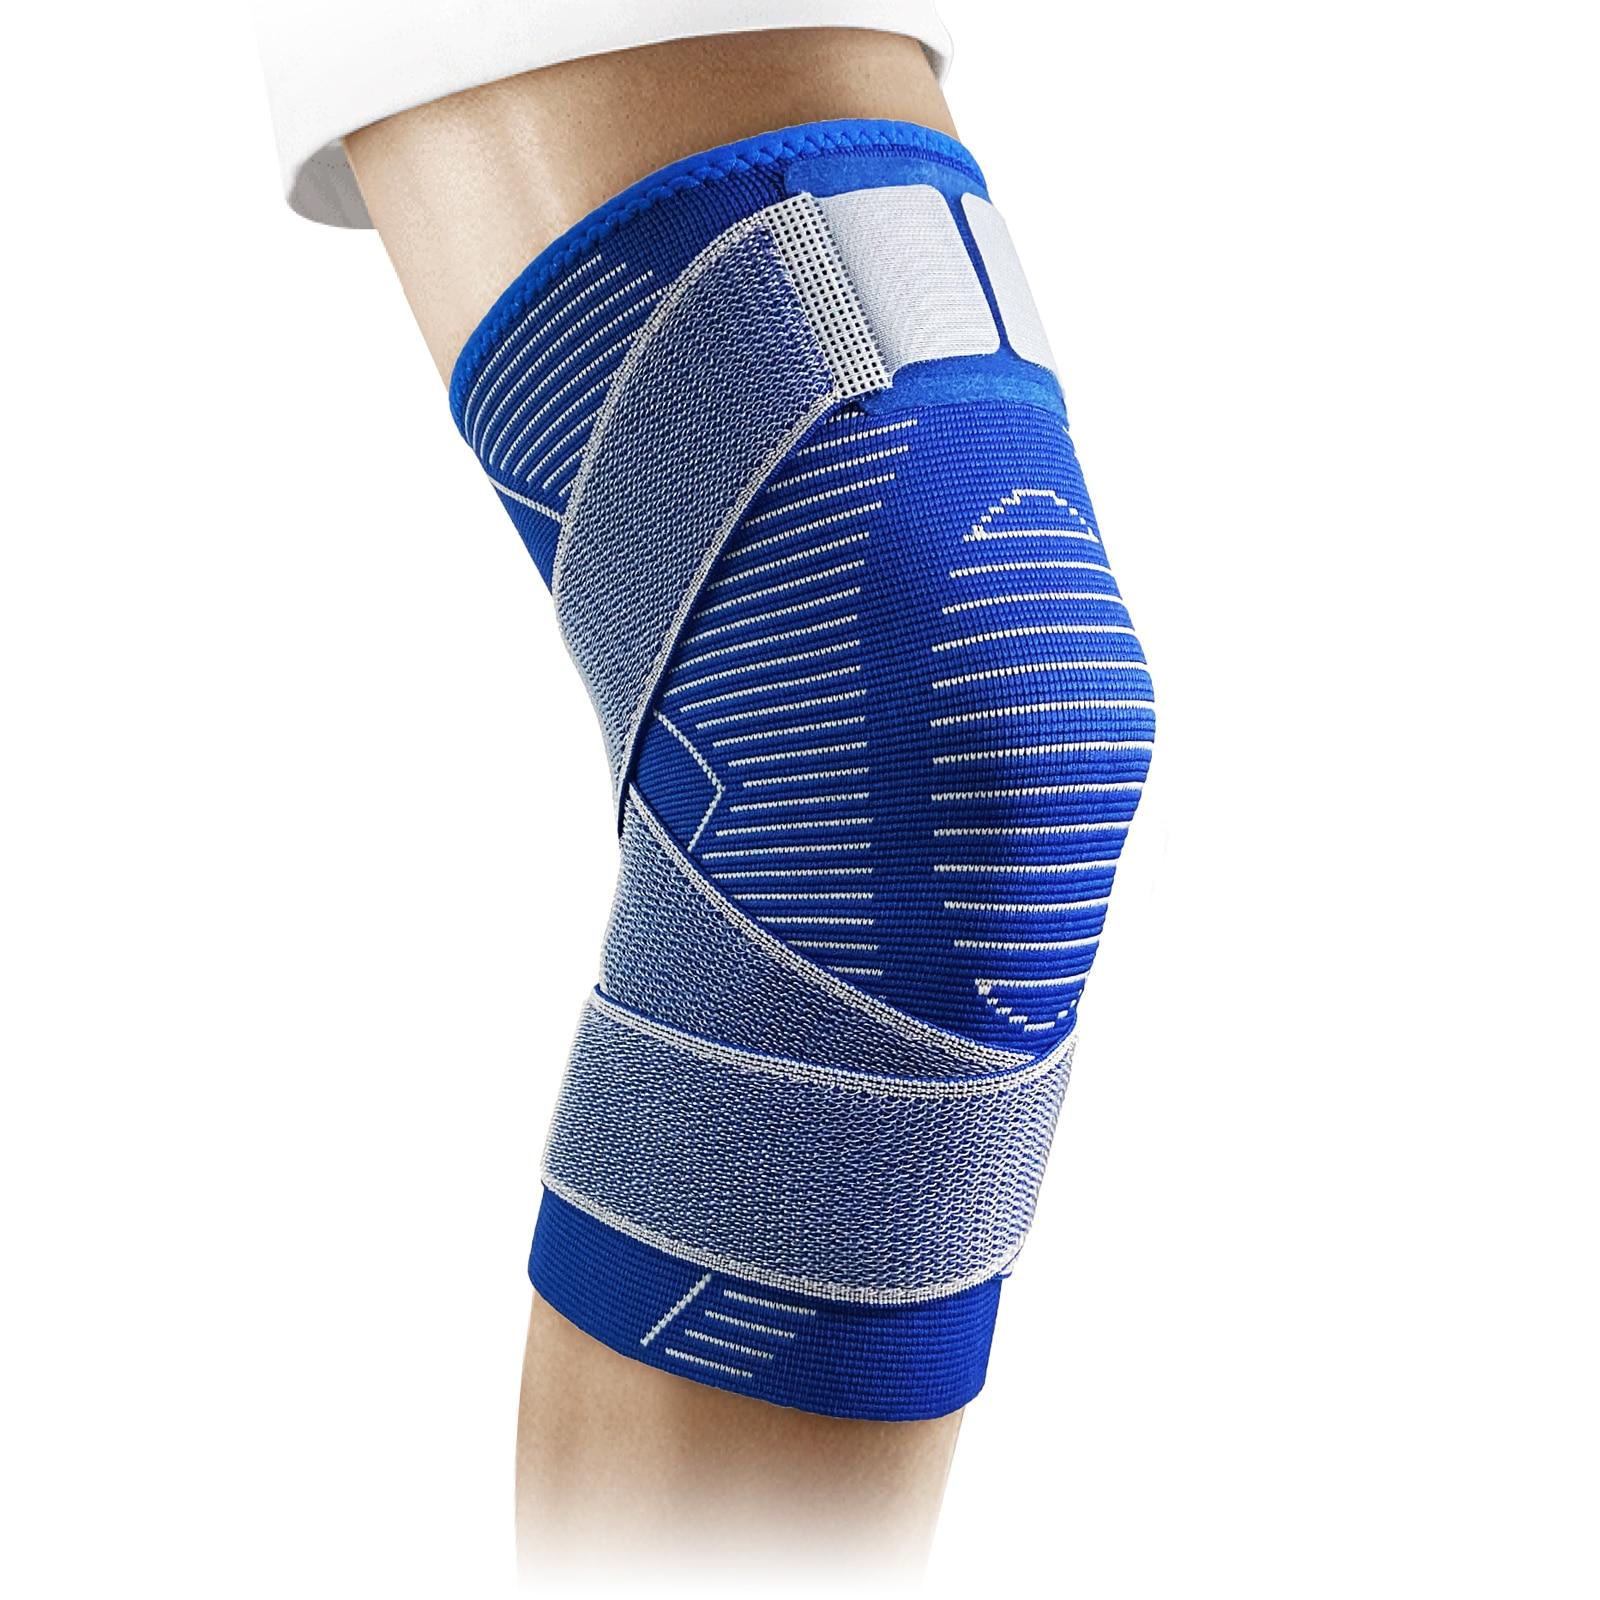 Nova almofada de manga de apoio de joelho de compressão de tricô azul, com alça antiderrapante para fitness esportivo, masculino e feminino